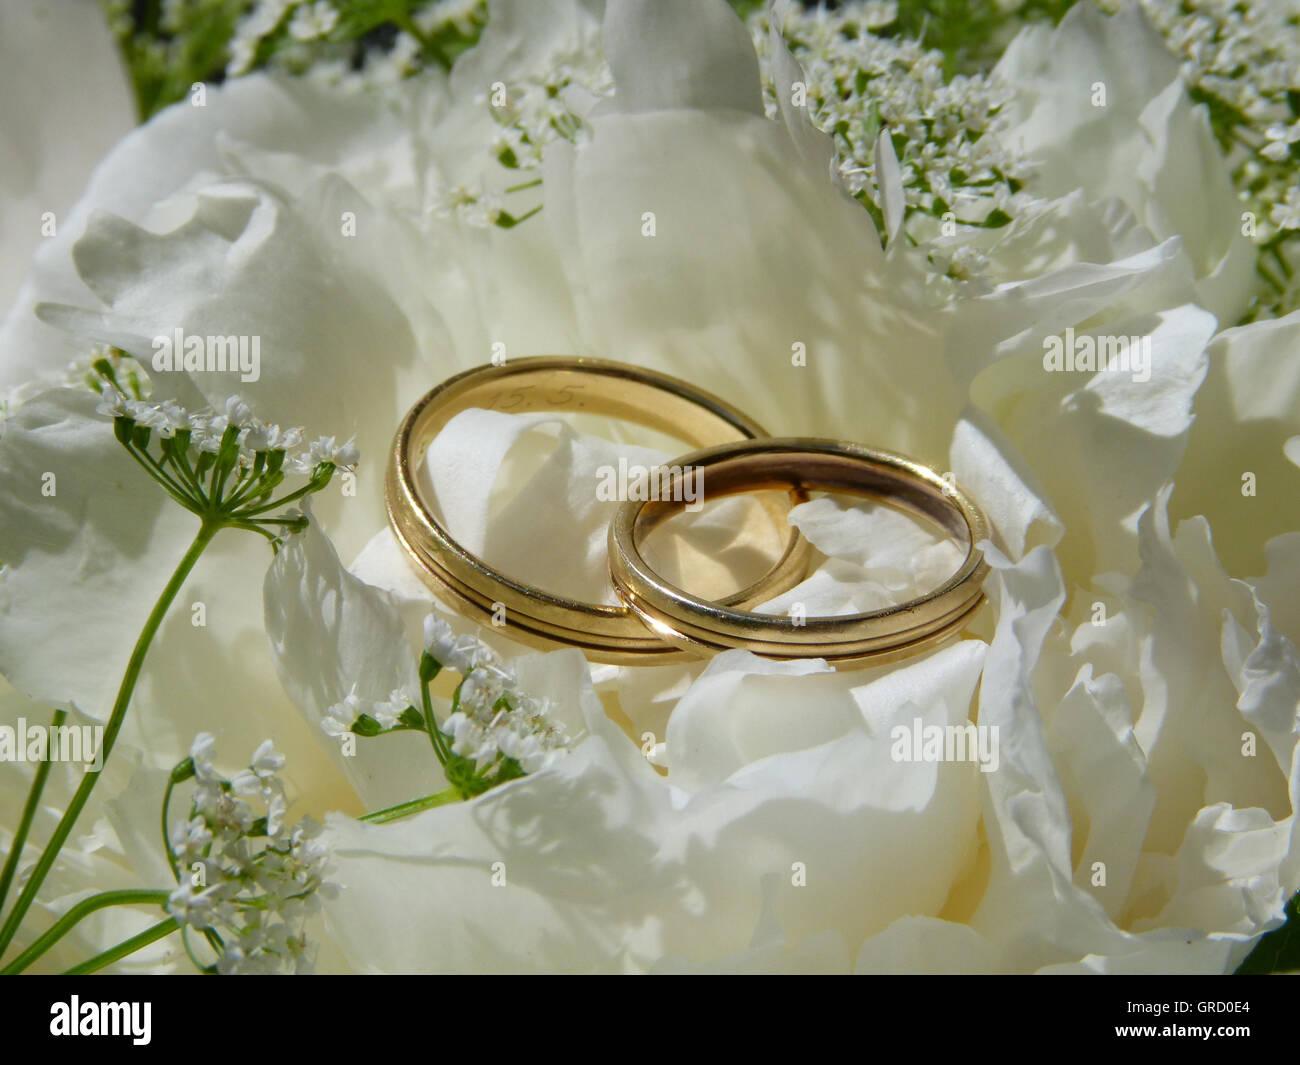 Hochzeit Symbole Weisse Hochzeitsblumen Und Goldene Hochzeit Ringe